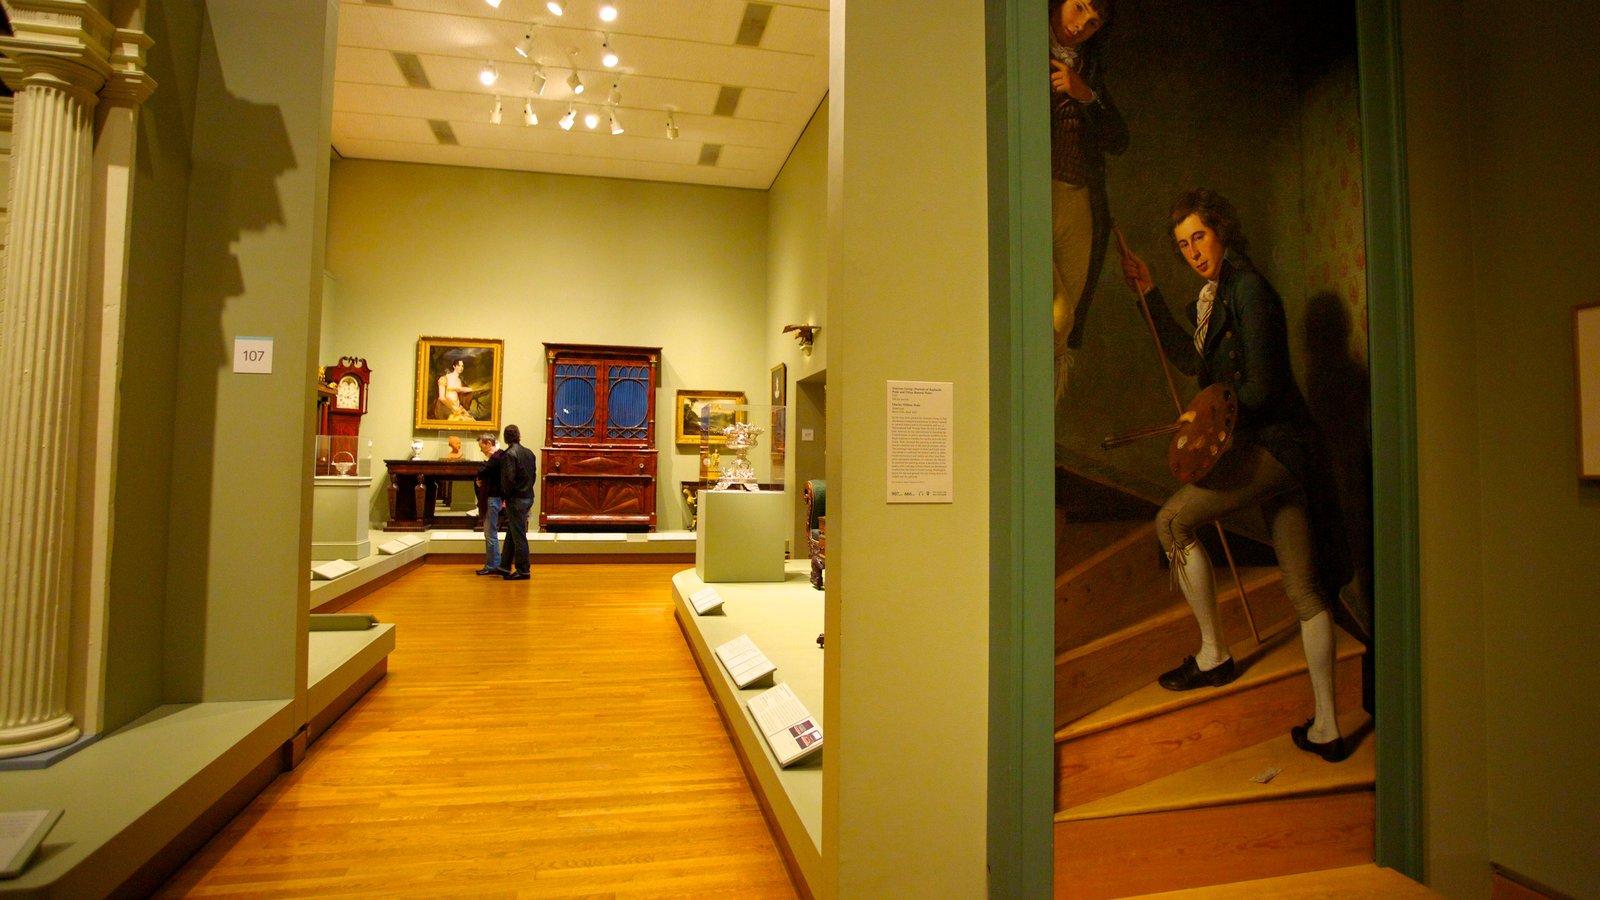 Museu de Arte caracterizando arte, um memorial e vistas internas